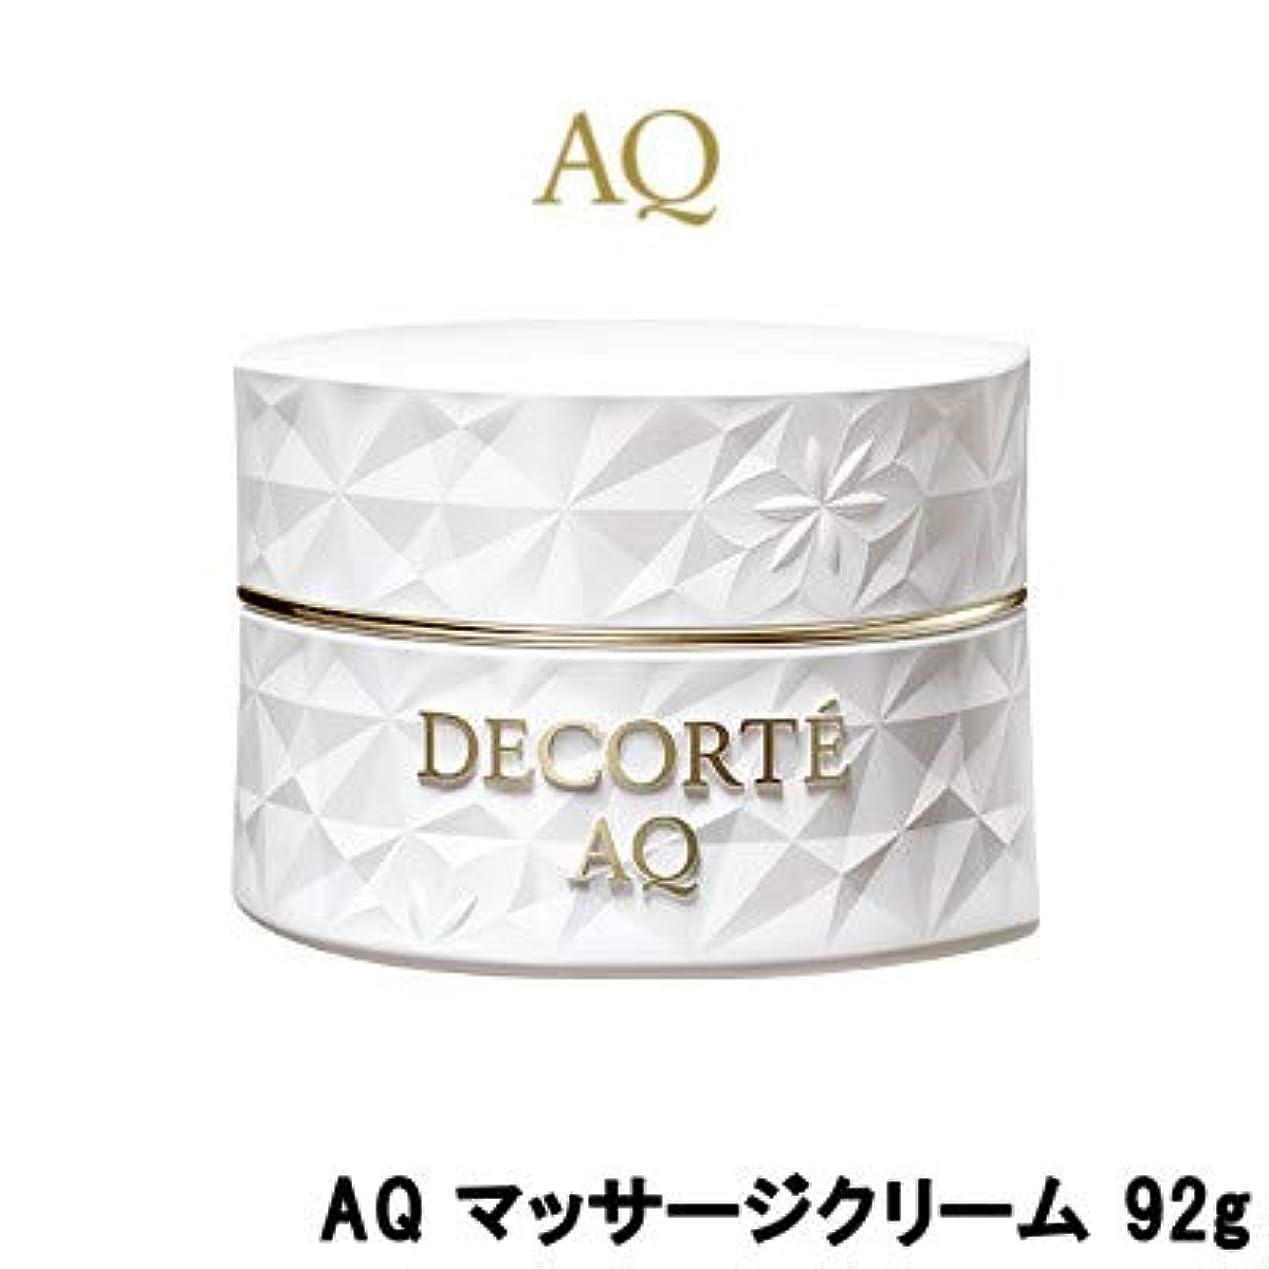 事業内容として切り下げコスメデコルテ AQ マッサージクリーム(92g)